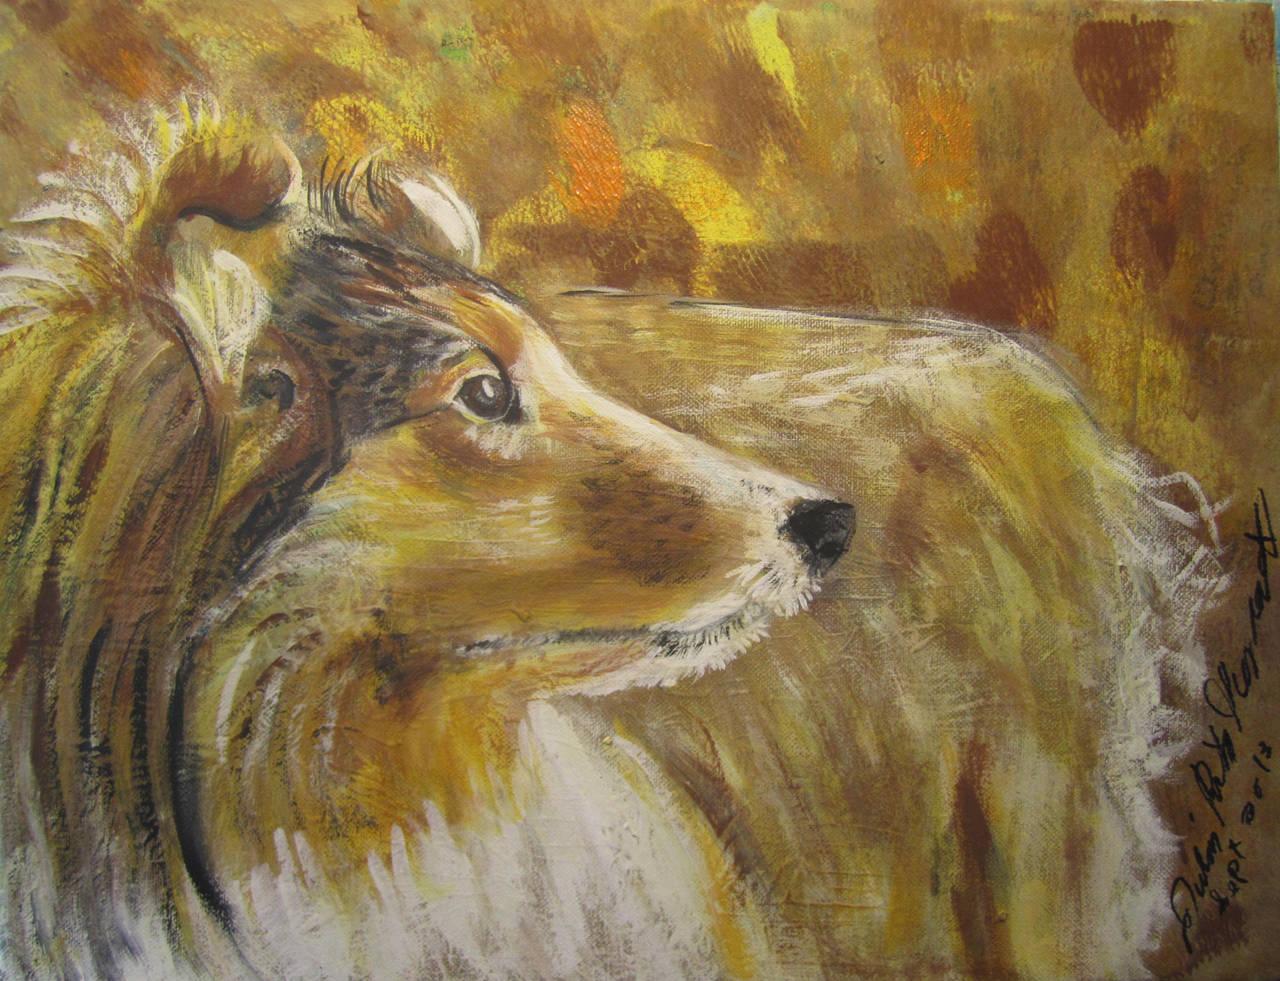 Joana's Dog by juliarita